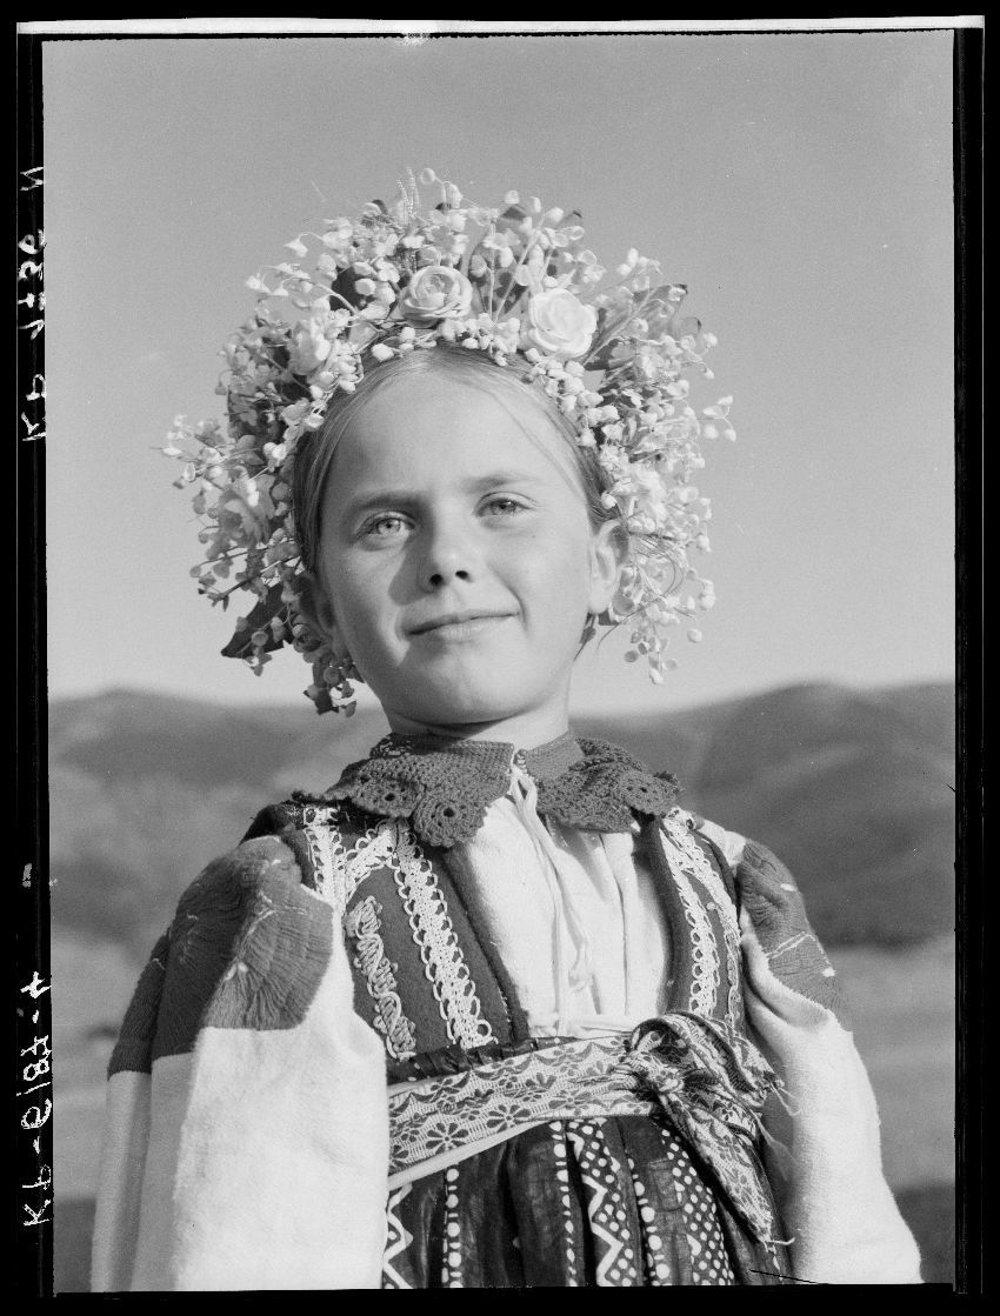 Zoznamka Vintage portréty